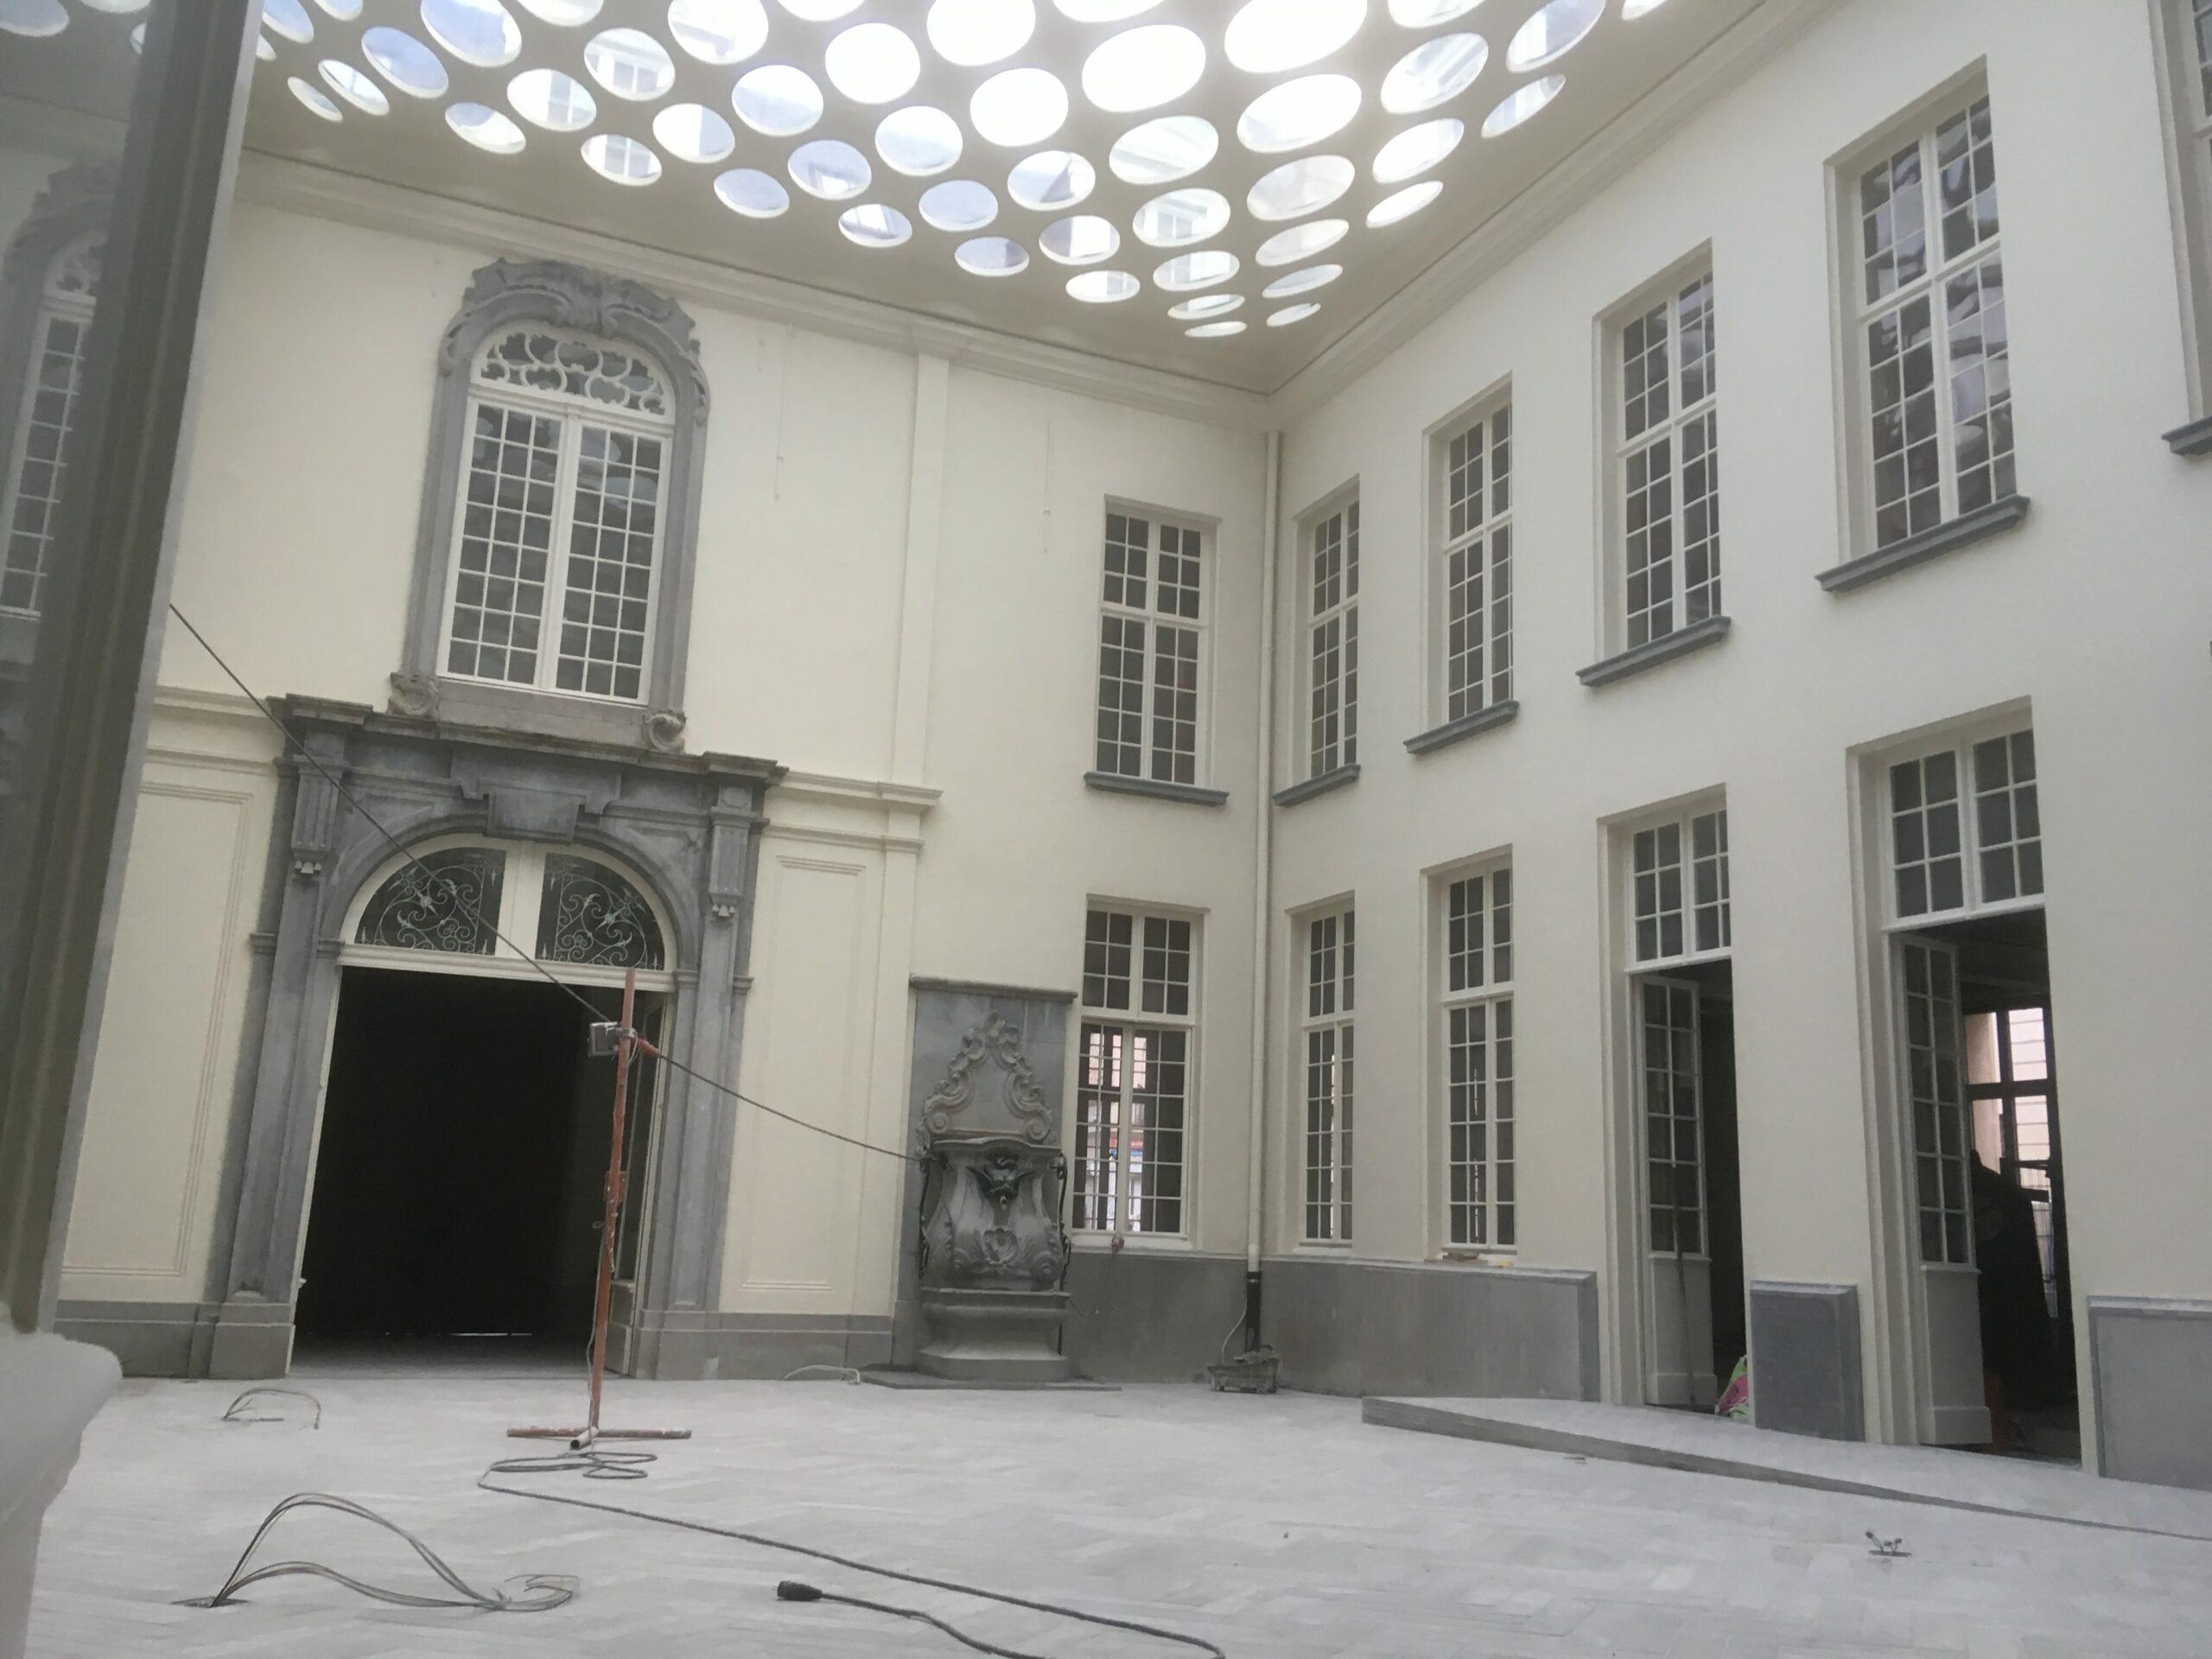 2189_Osterriethhuis Antwerpen©boydens3 min